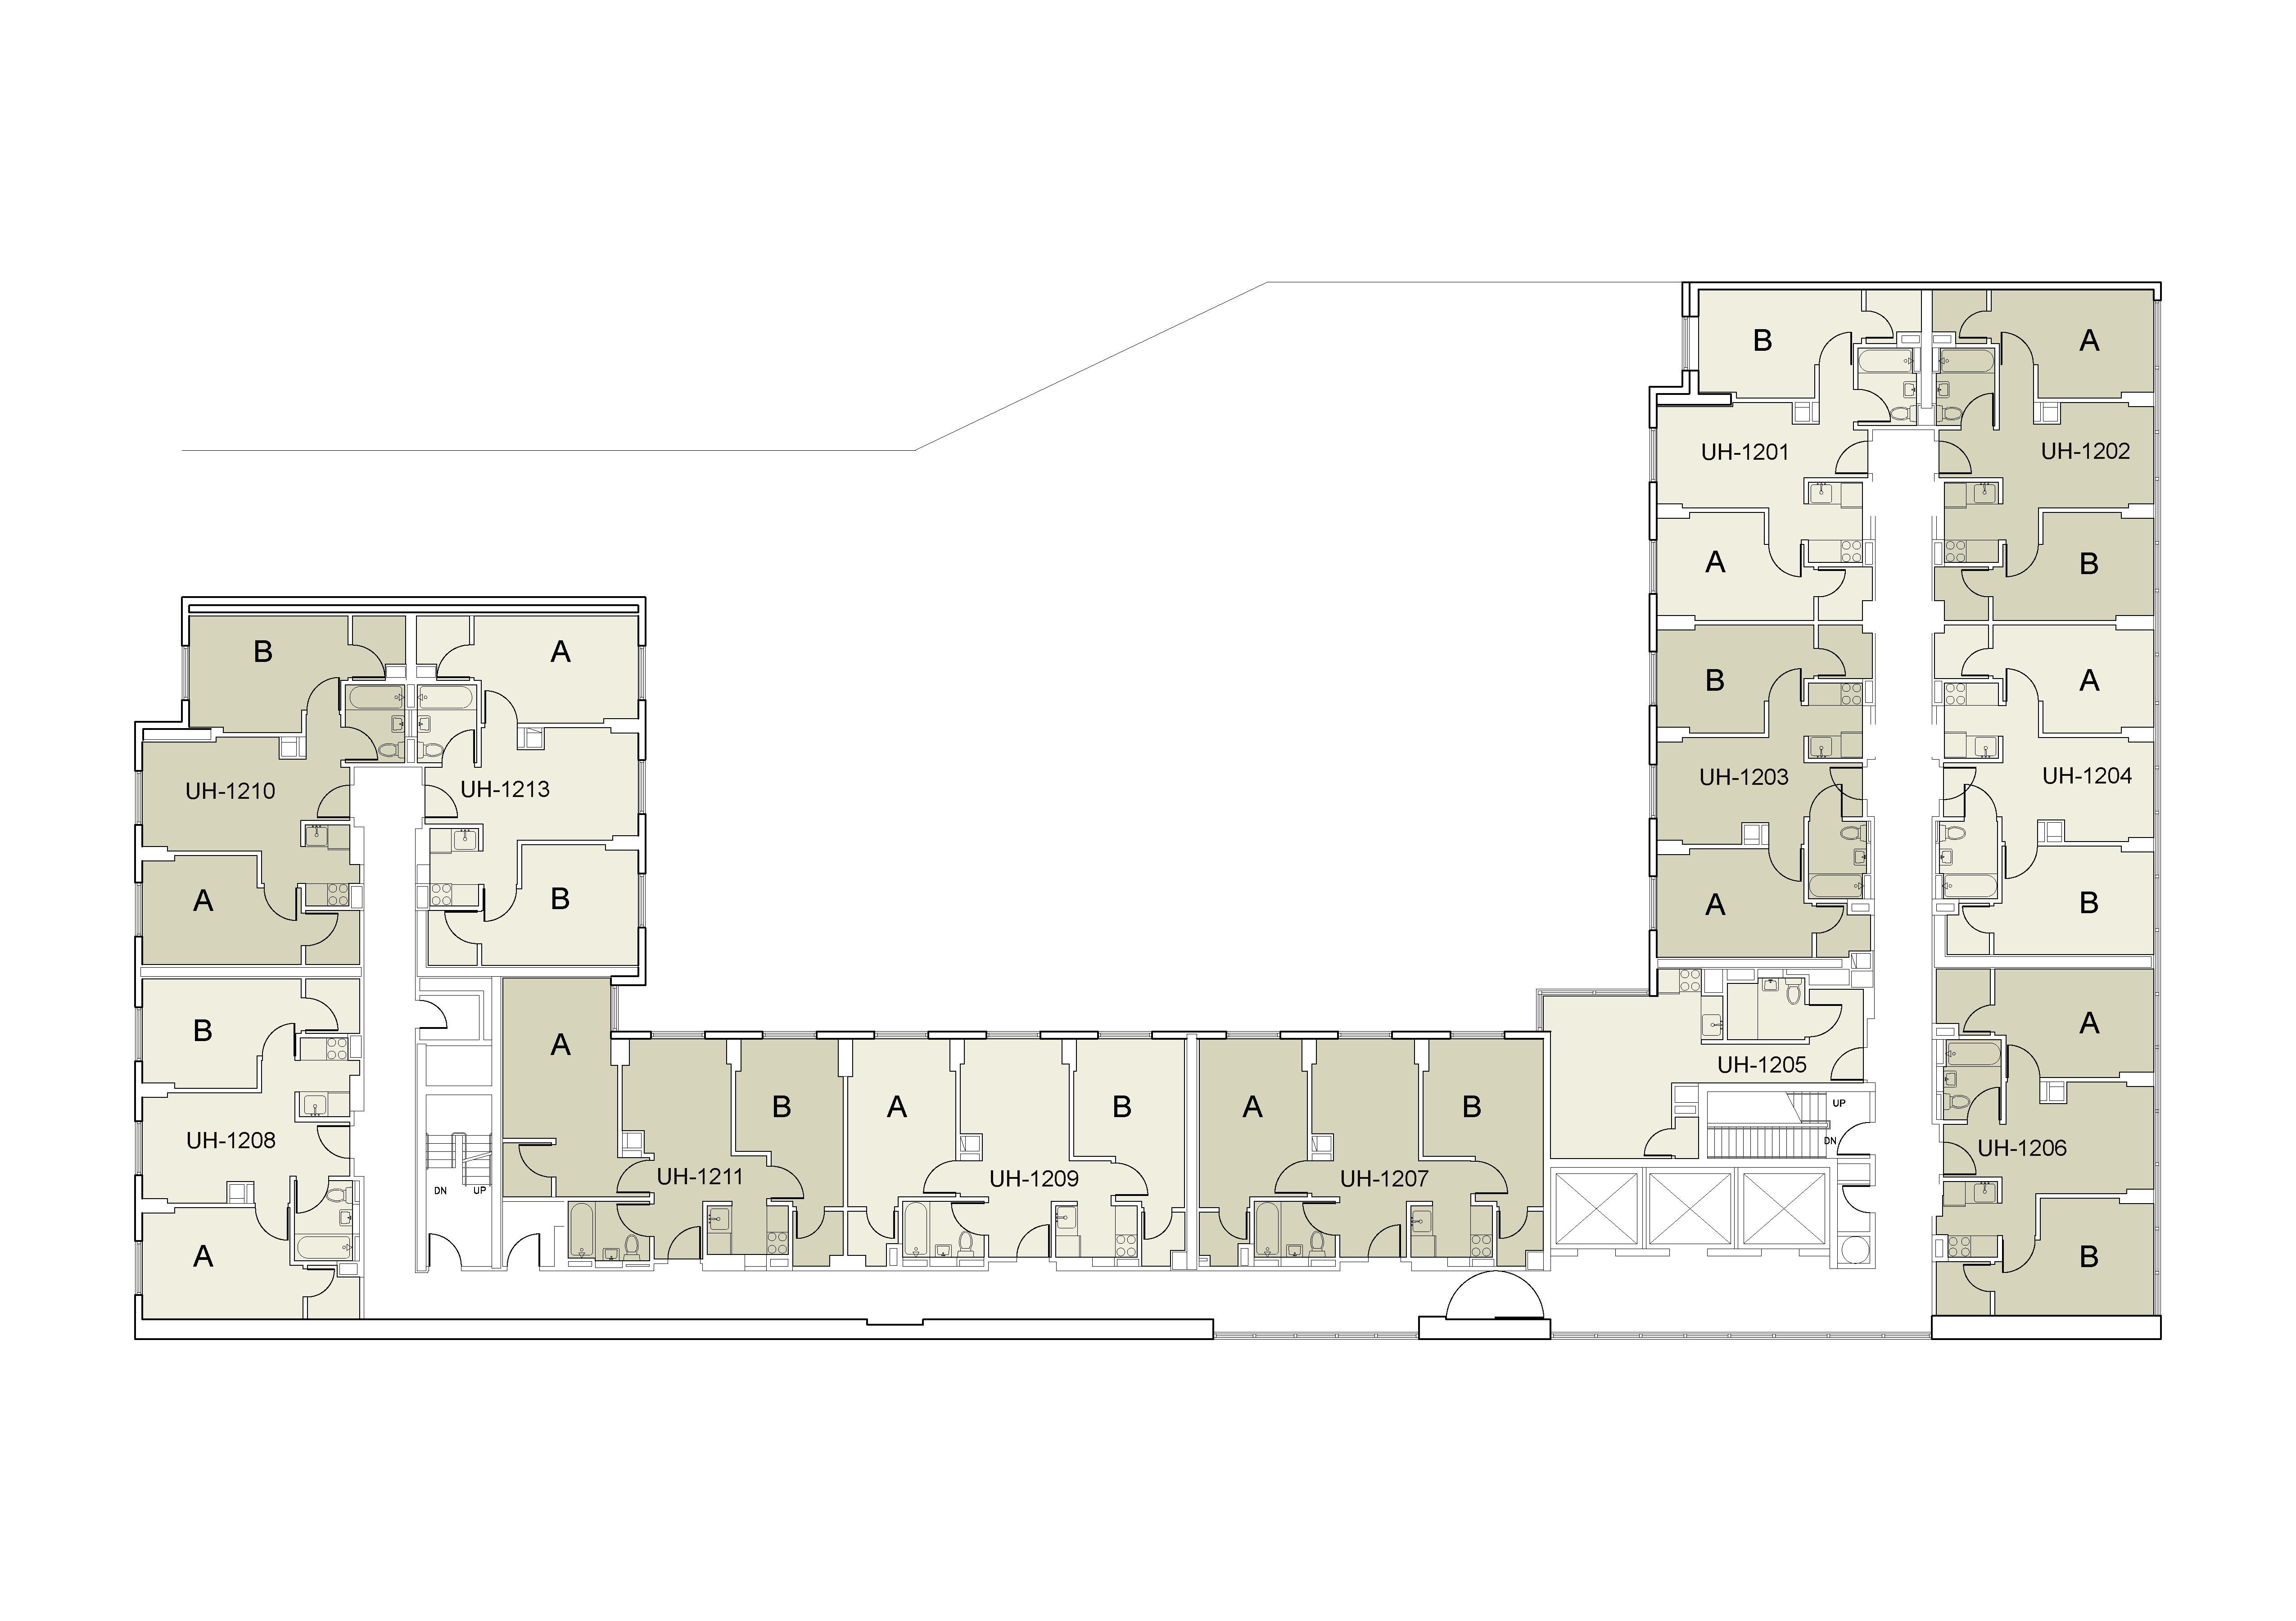 Floor plan for U Hall Floor 12